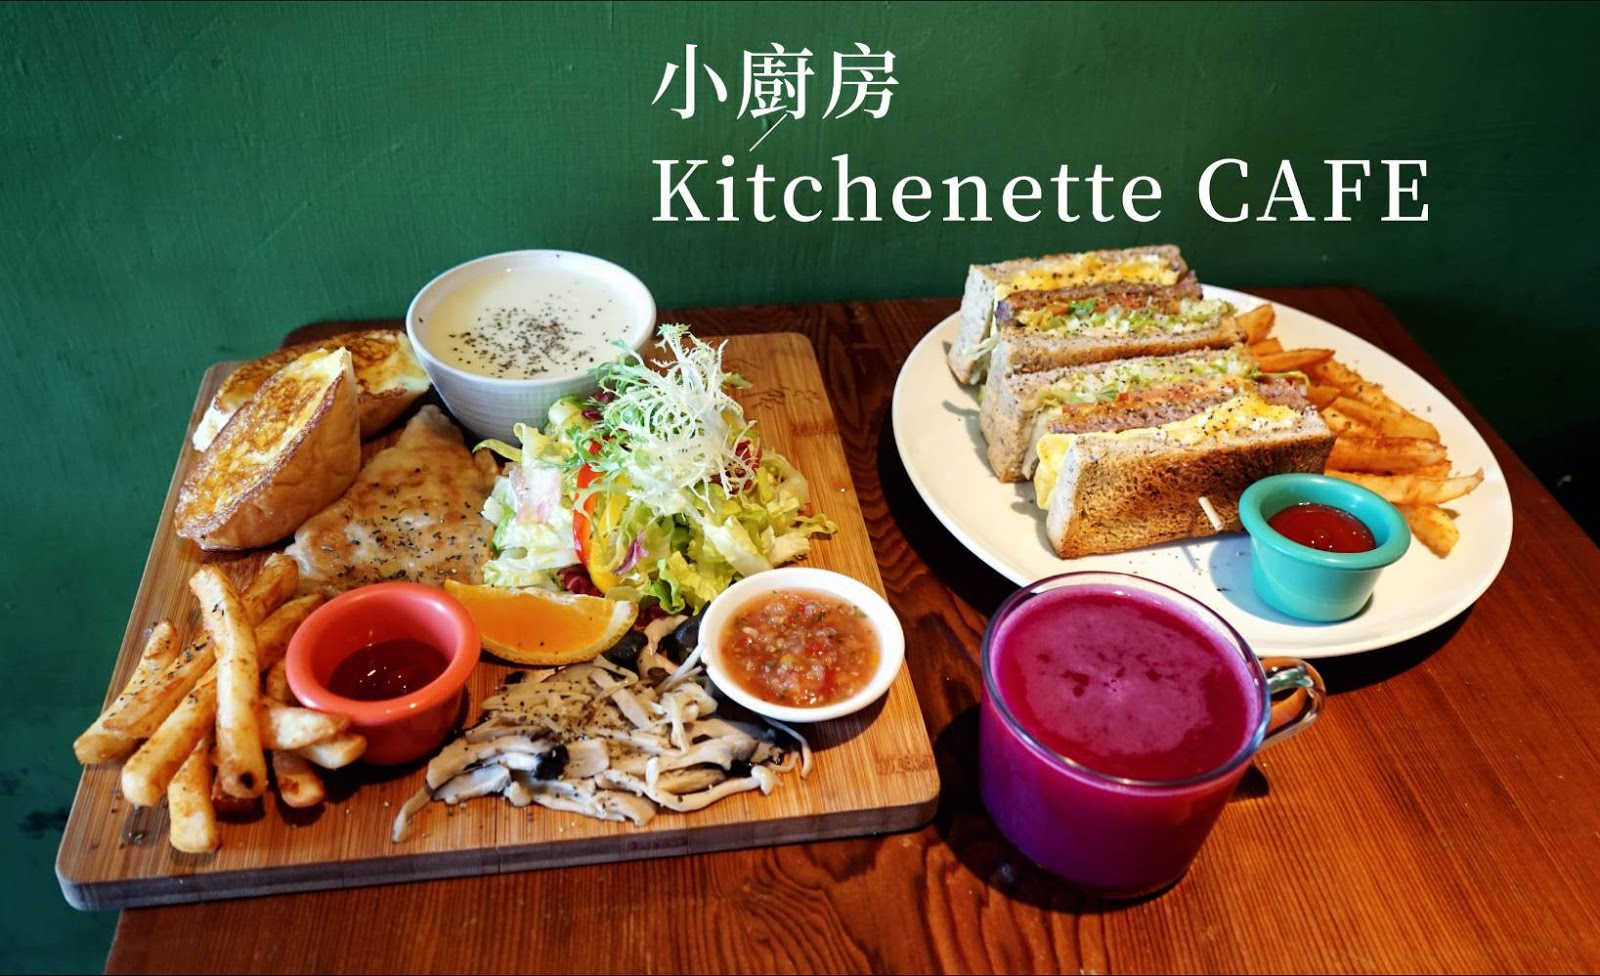 【板橋|美食】板橋巷子內的強大早午餐!【小廚房 Kitchenette CAFE】再訪 超人氣牛肉起司三明治+莎莎愛魴魚 (近海山國高中)